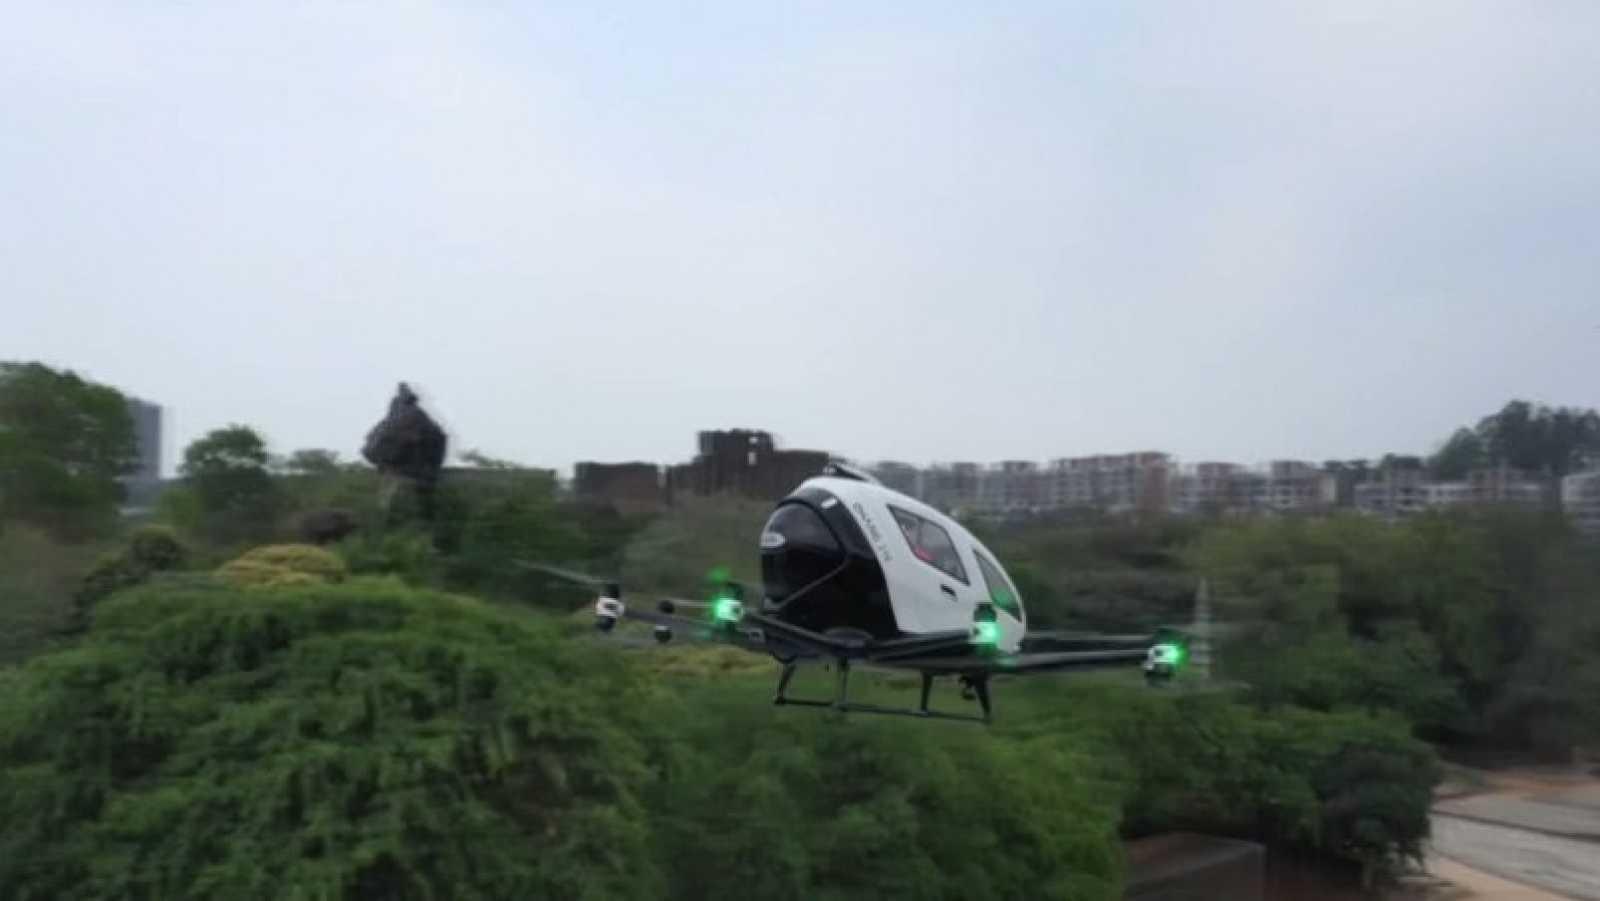 Los taxis voladores en China pueden ser pronto una realidad